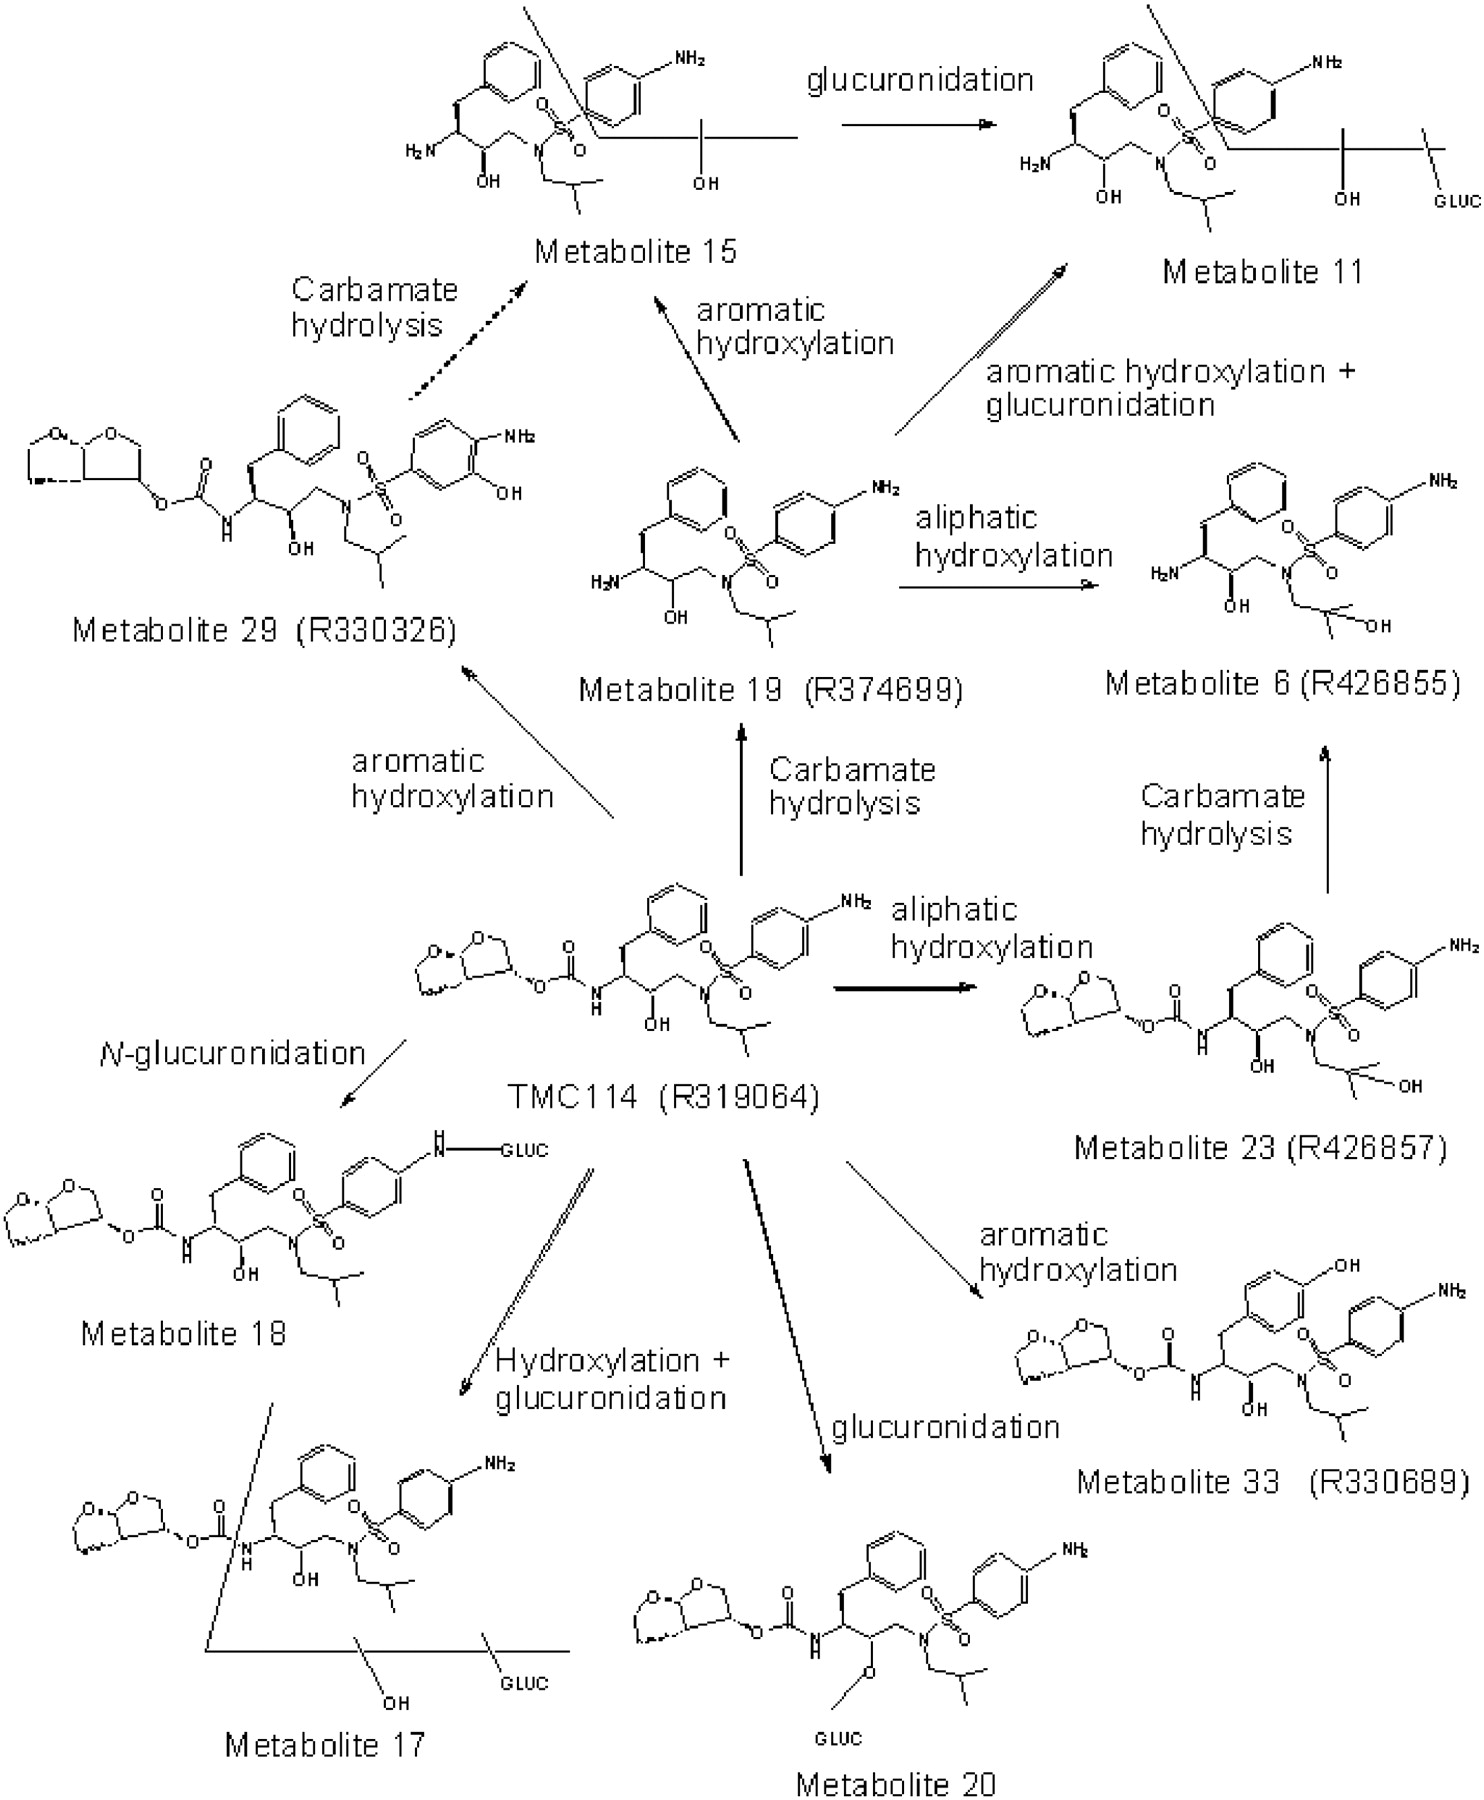 Prezista - European Drugs Reference Encyclopedia